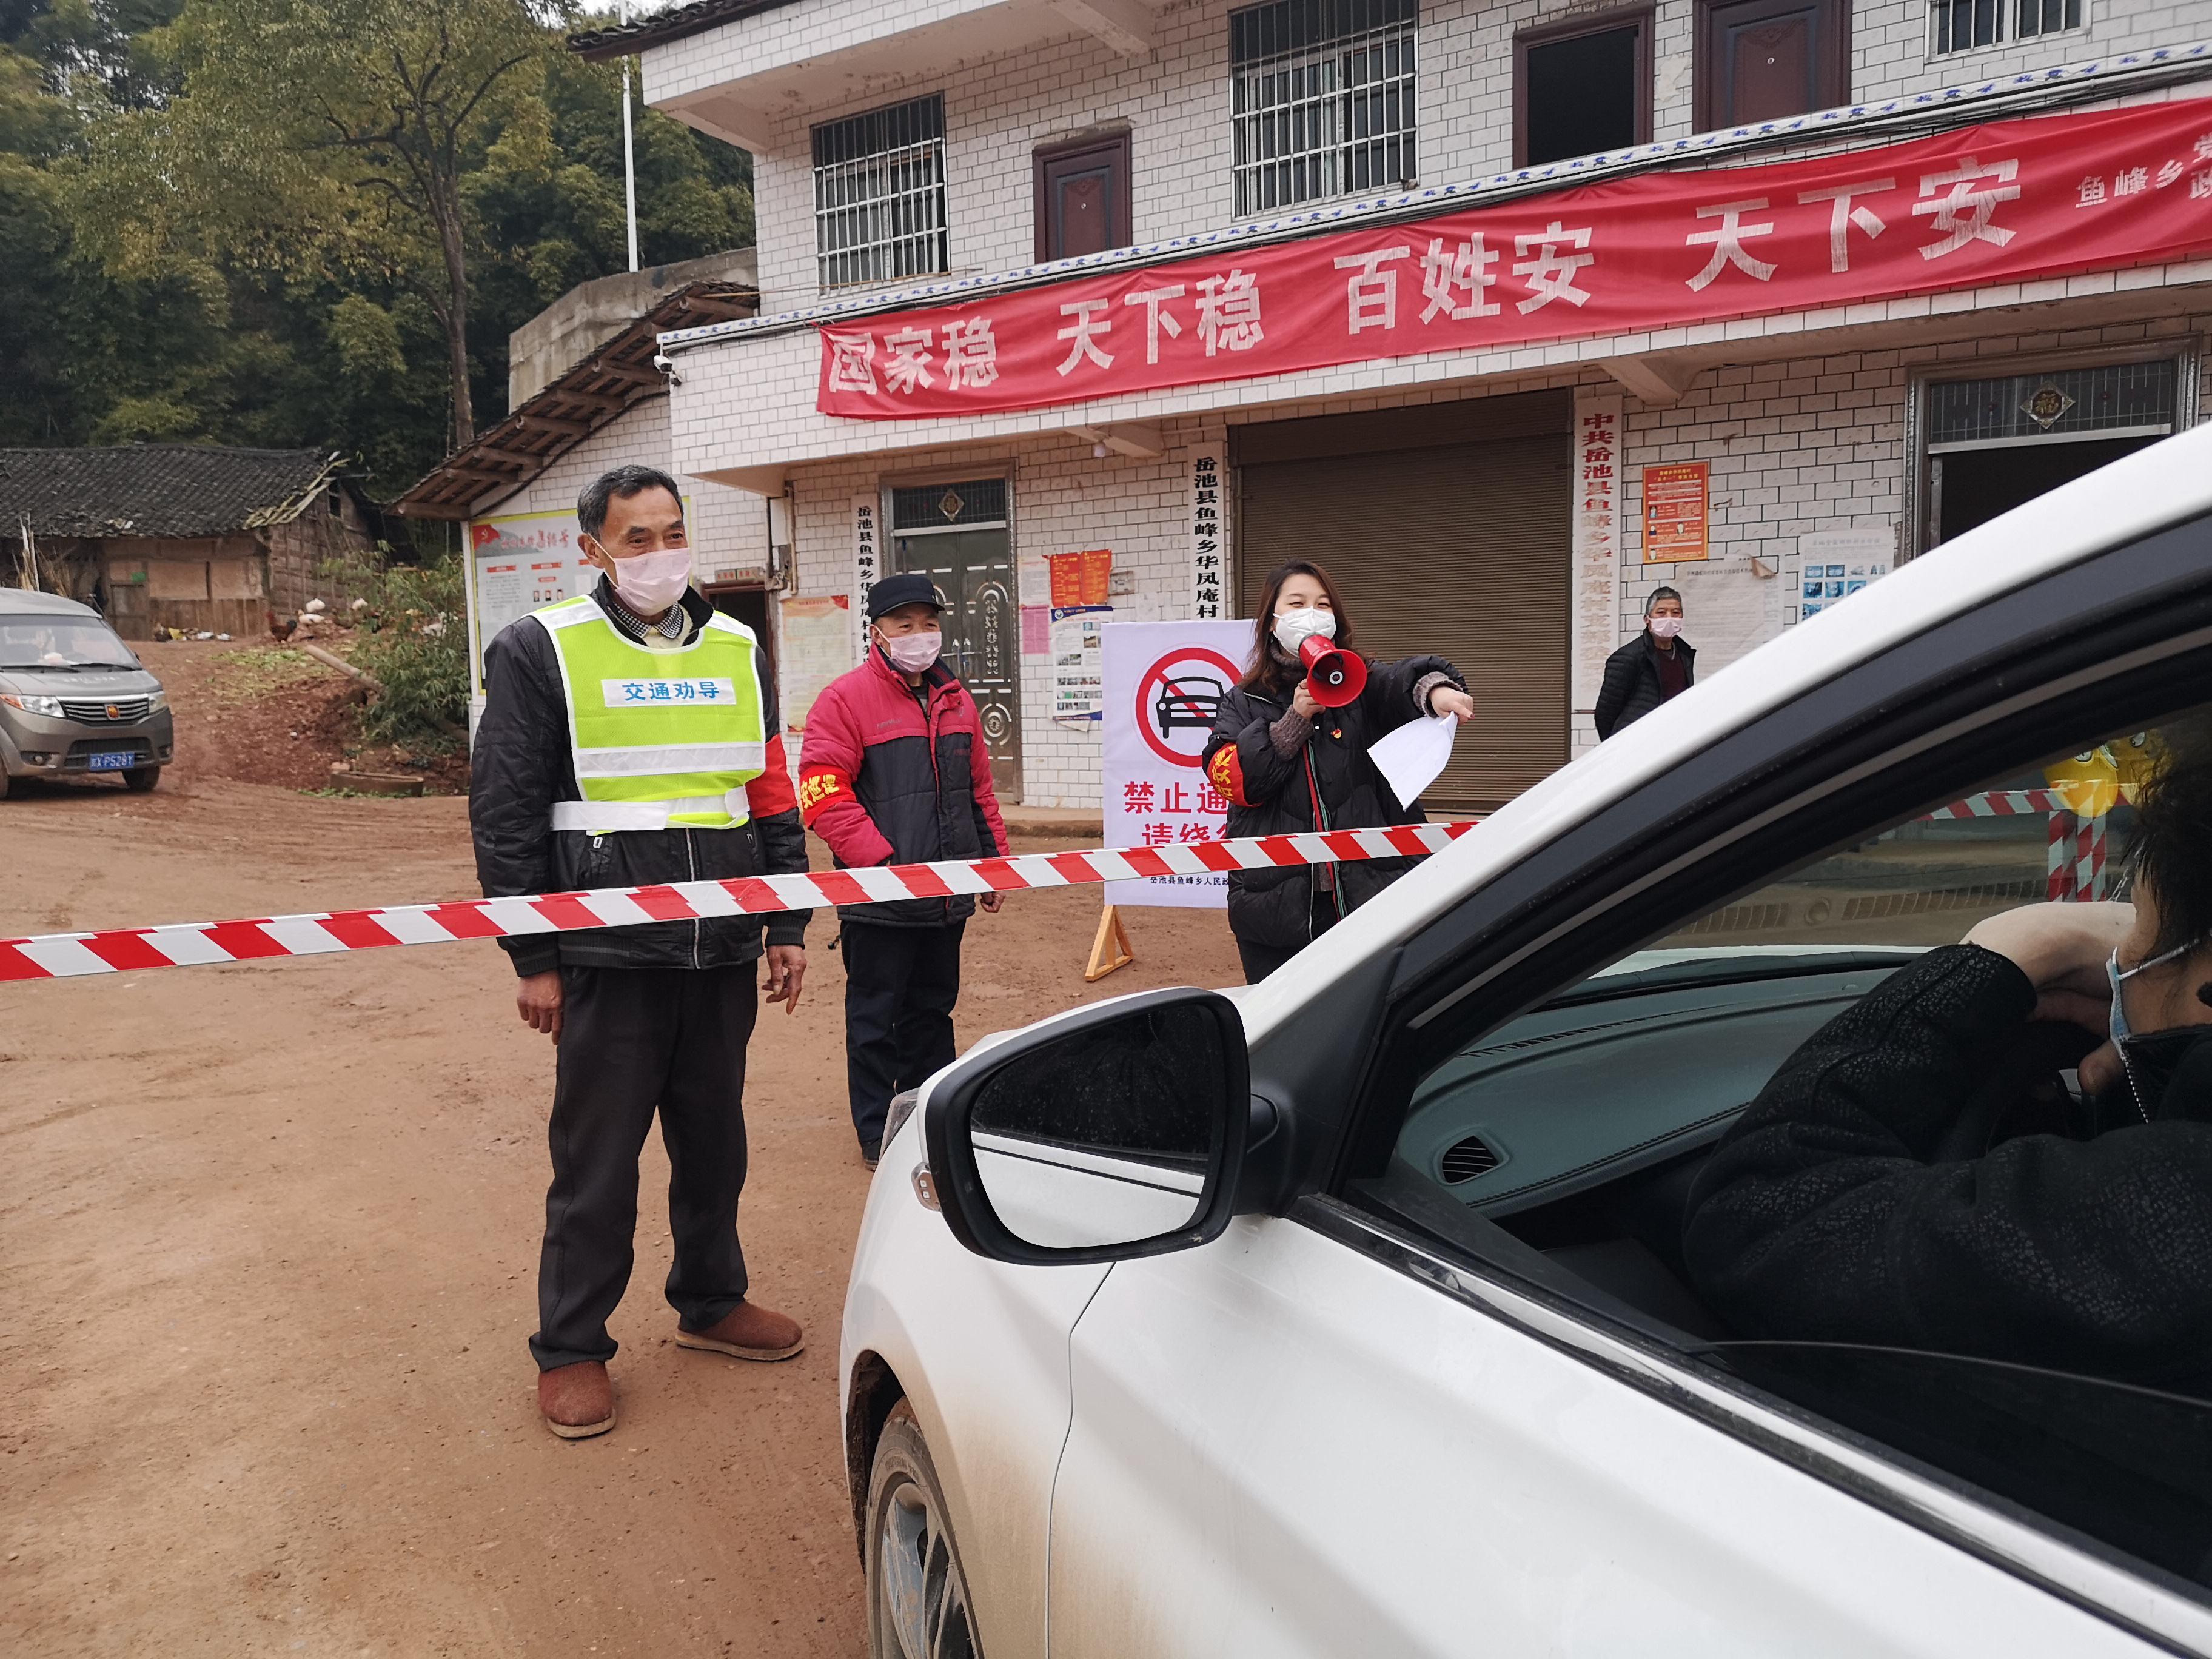 华凤庵村支部书记陆丽丽在卡点执勤劝返外地返乡车辆